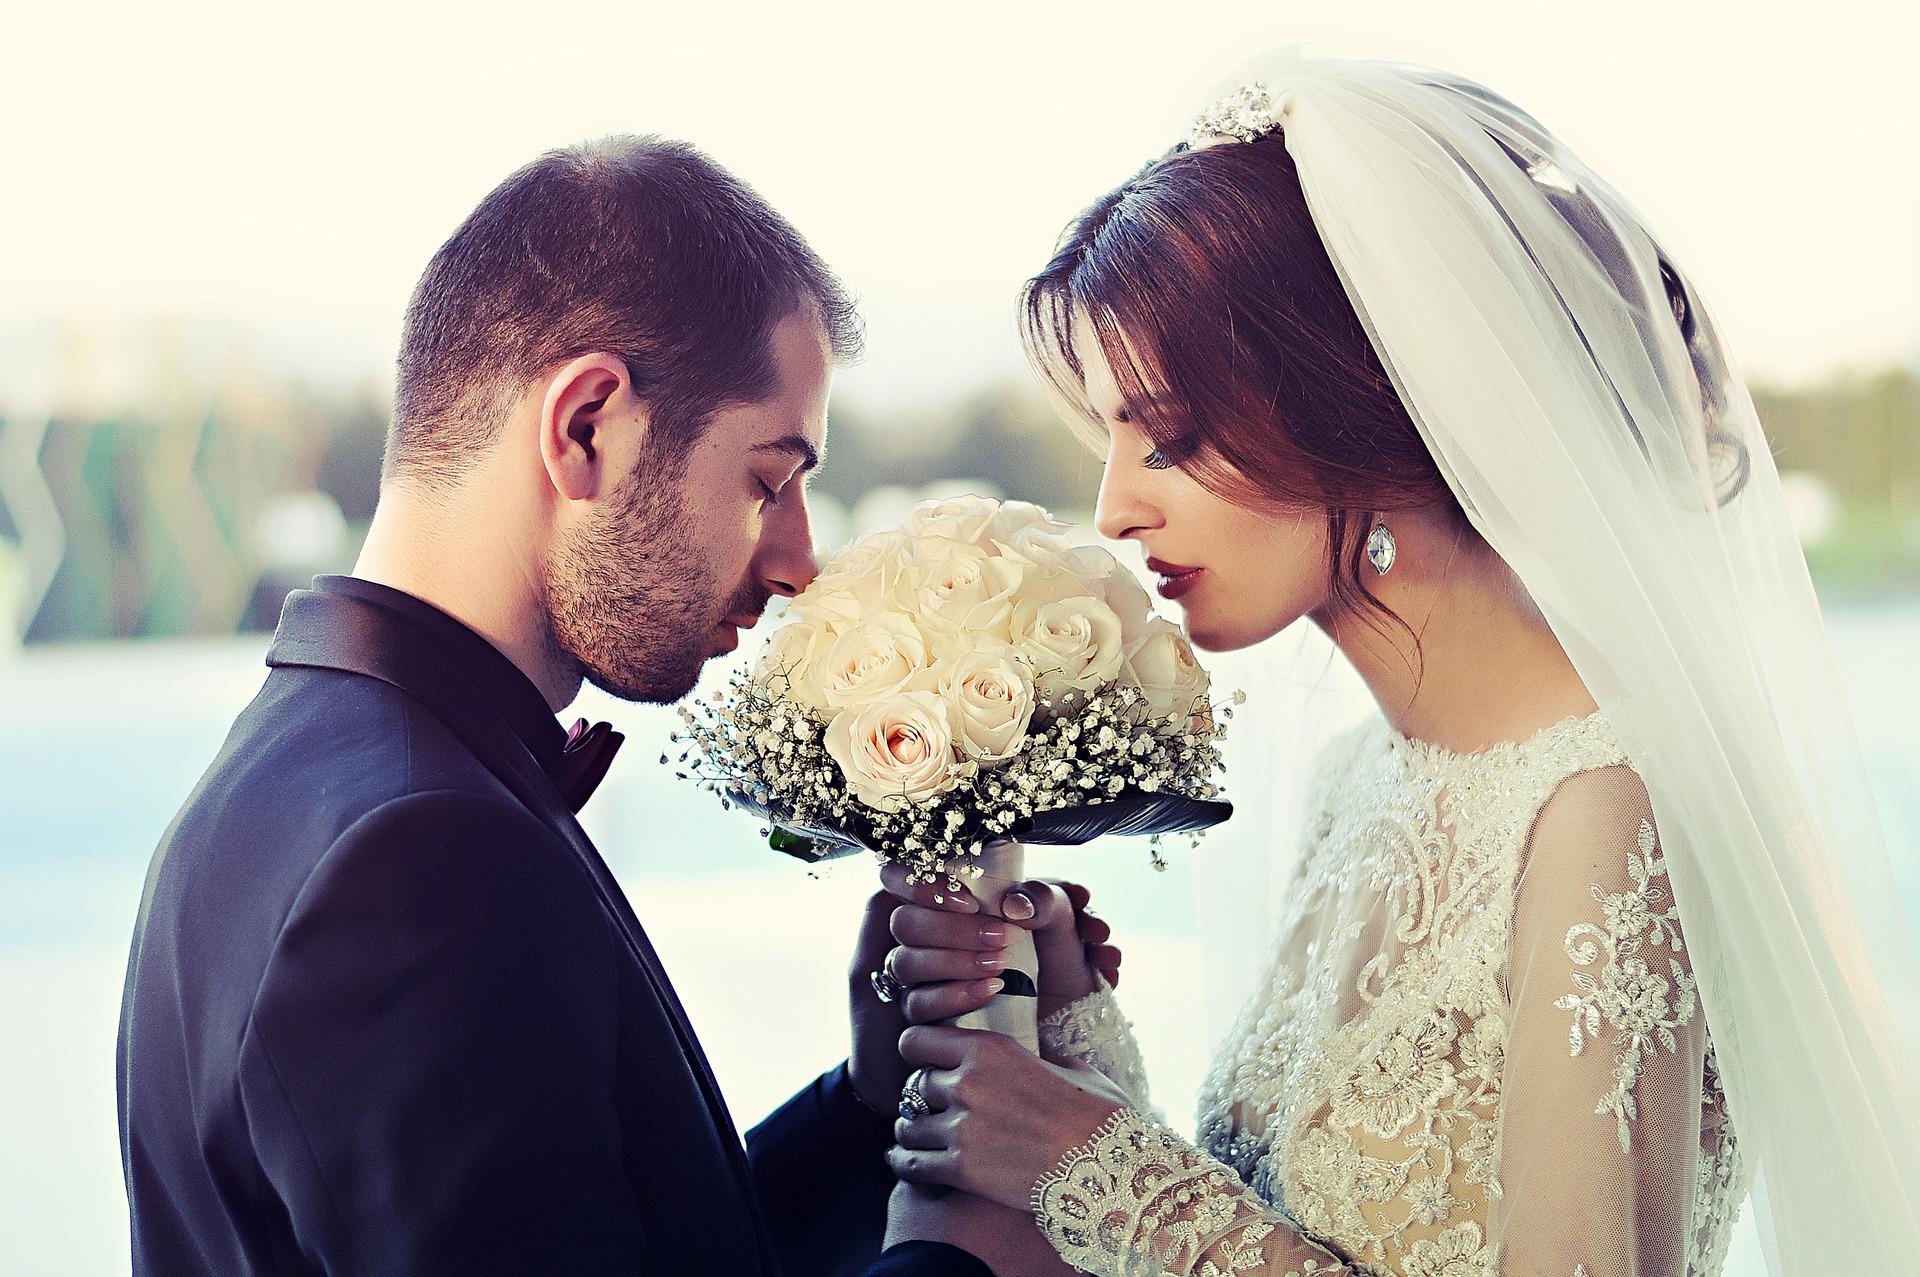 Svatební oznámení jako předzvěst svatby